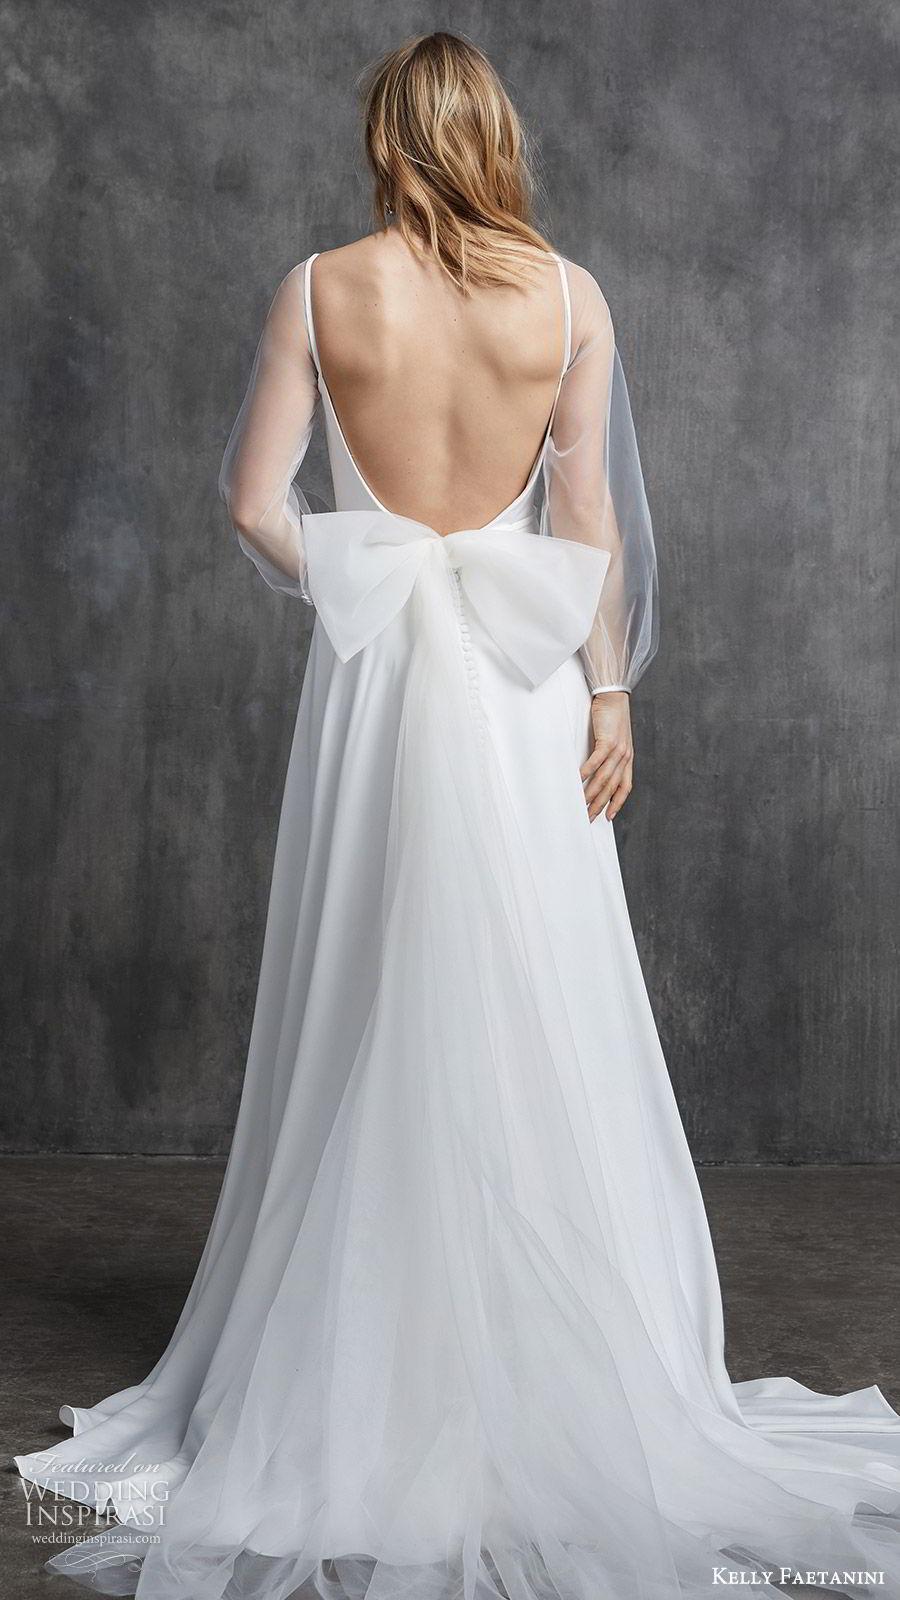 kelly faetanini spring 2020 bridal illusion bishop sleeves bateau neckline a line minimally embellished simple wedding dress (11) chapel train clean modern bv